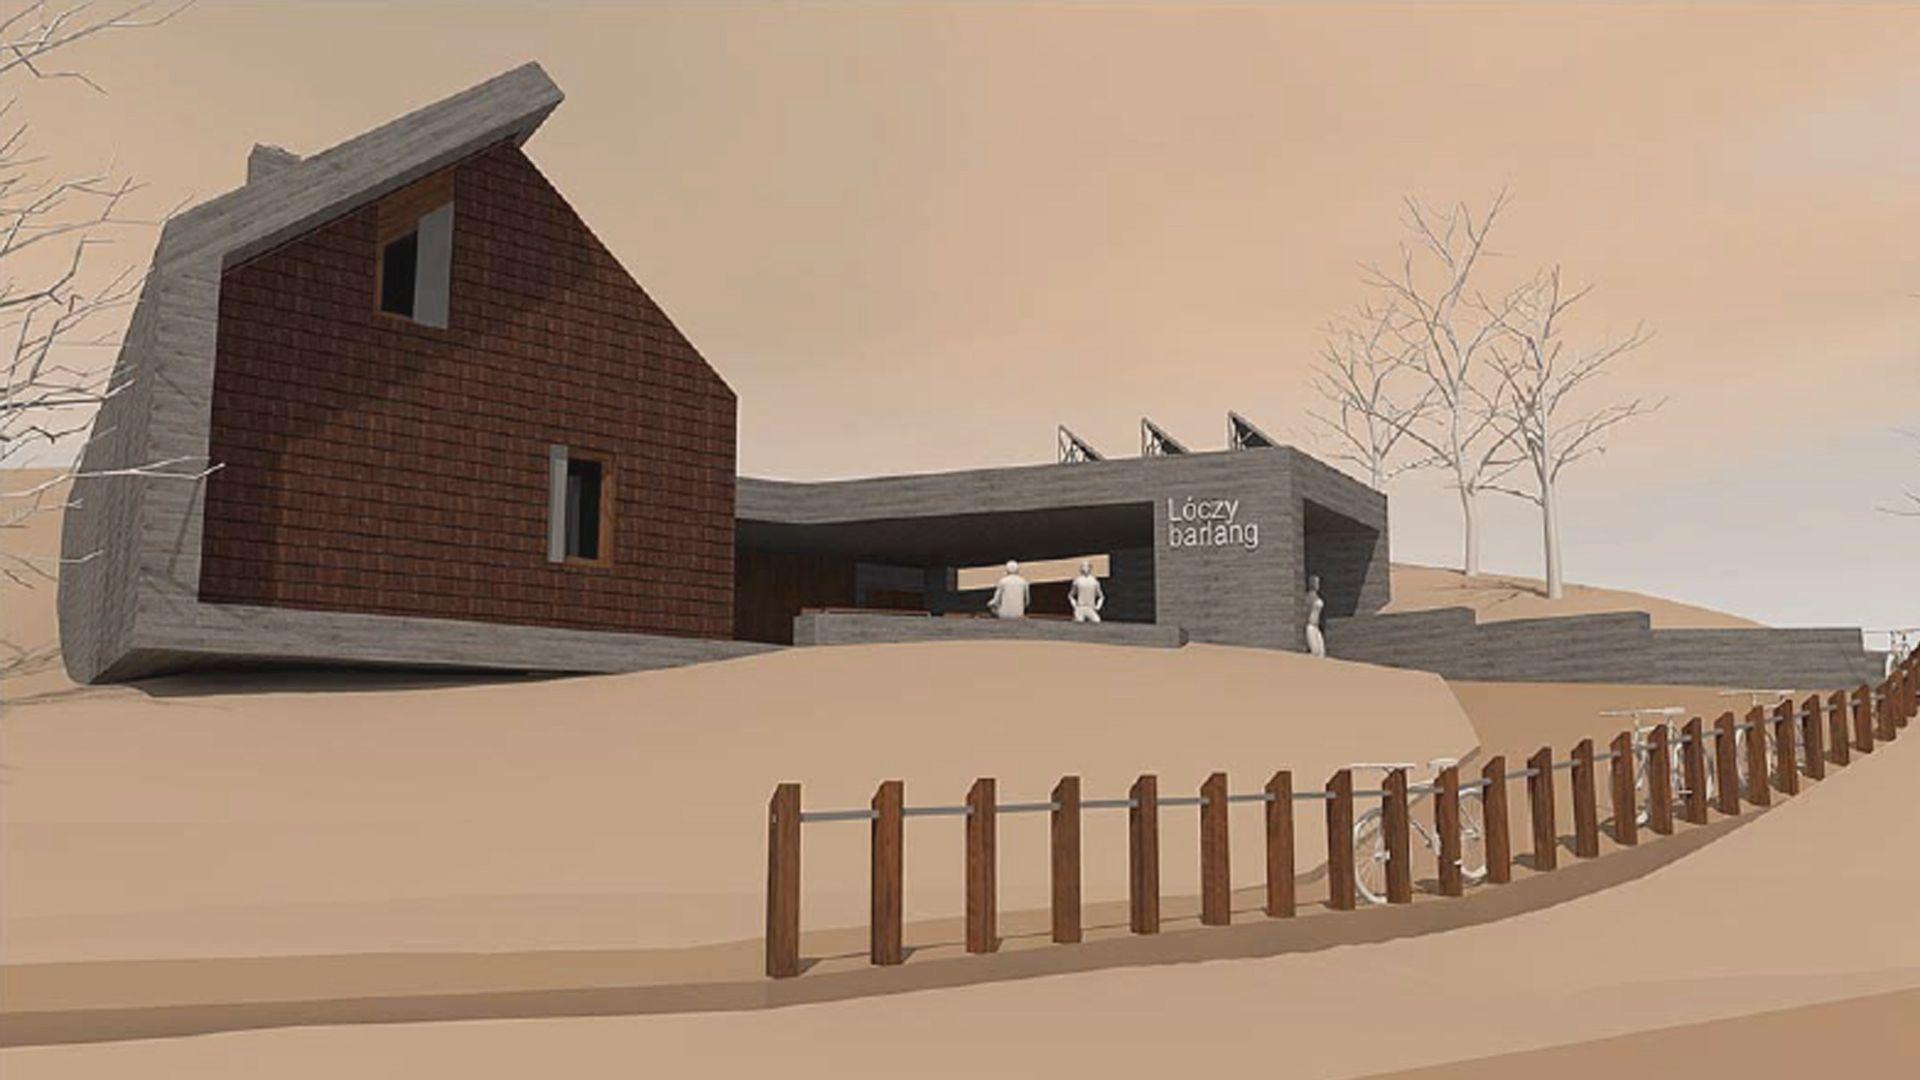 Jövő tavasszal nyithat az új látogatóközpont a Lóczy-barlangnál